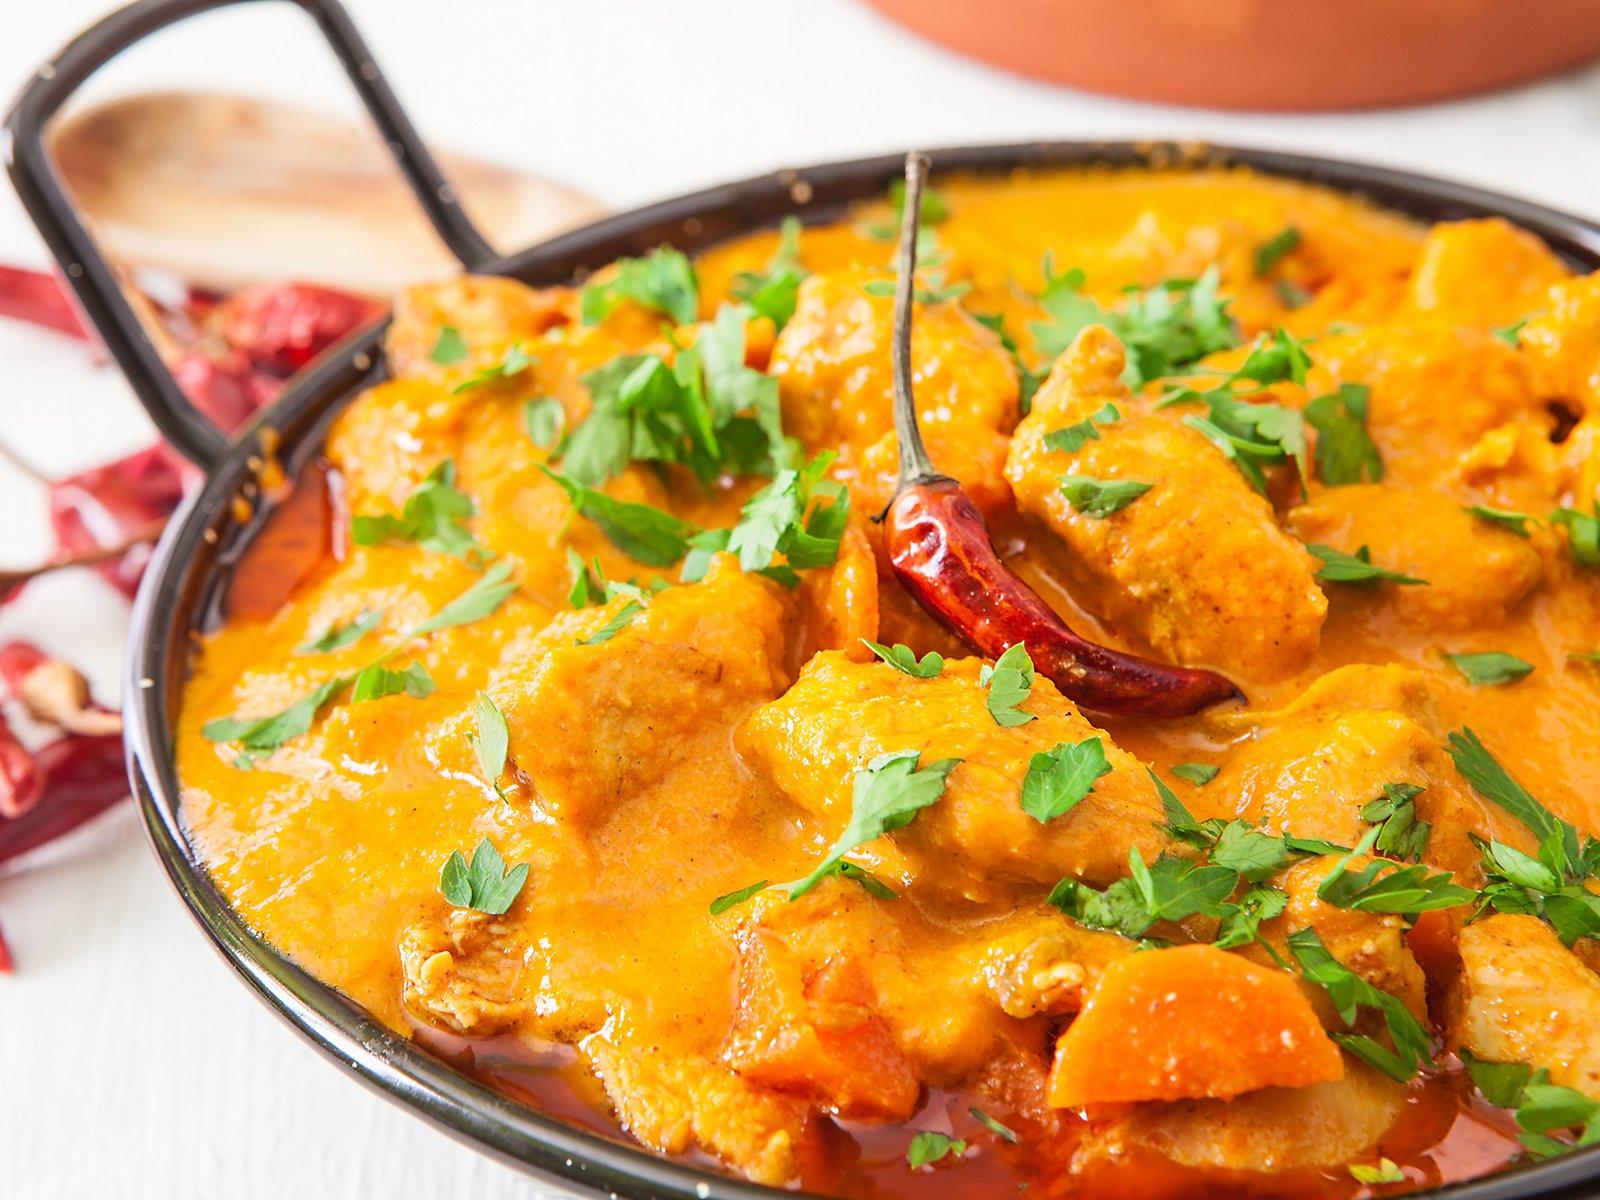 spicy-chili-chicken